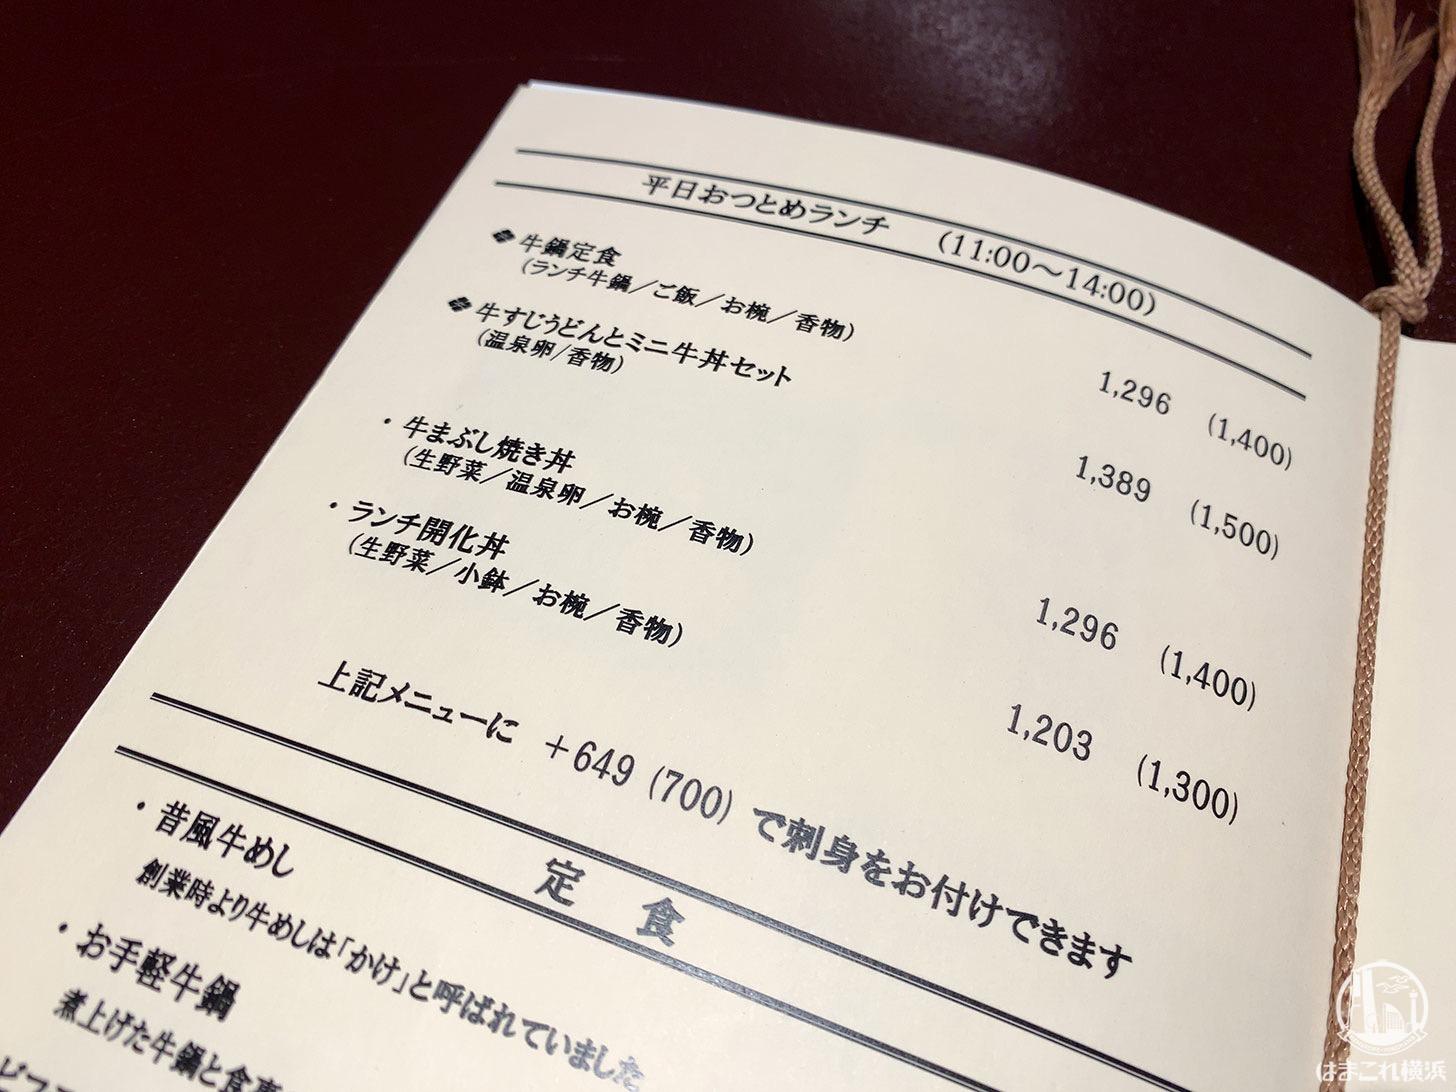 荒井屋 万國橋店 メニュー